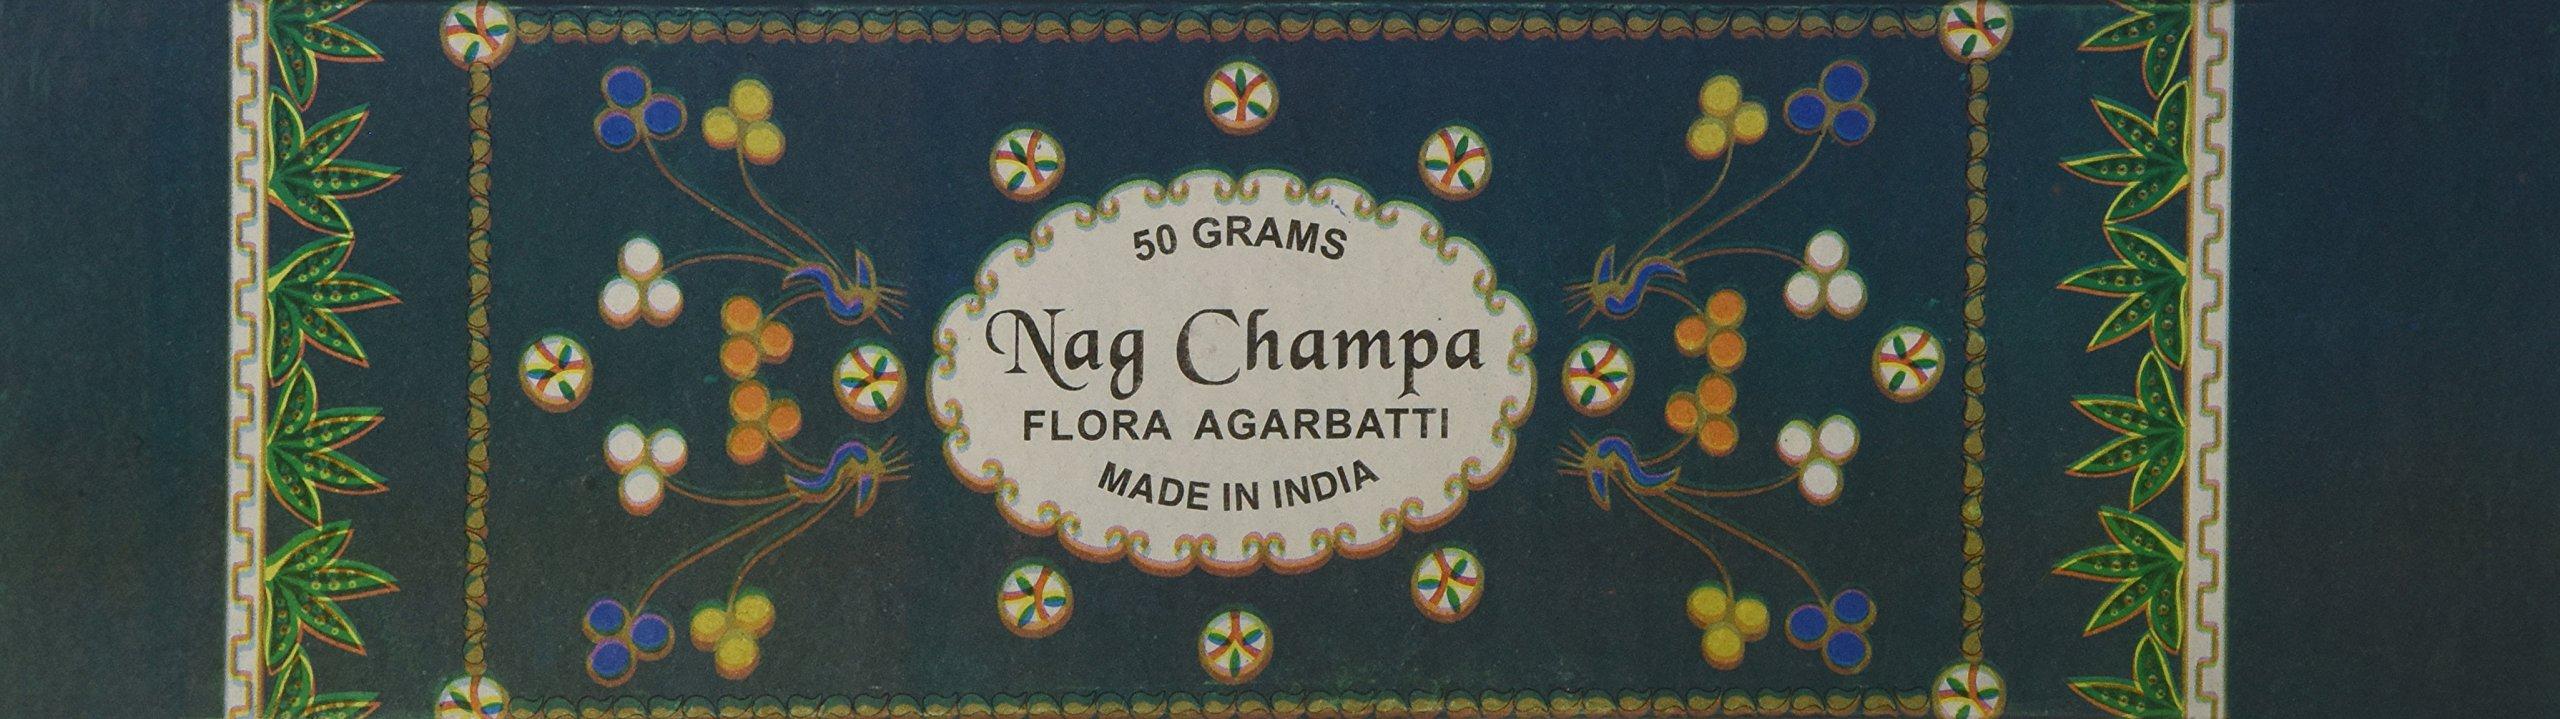 Flora Nag Champa Incense - 50 Gram Box - From Flora Agarbatti In India